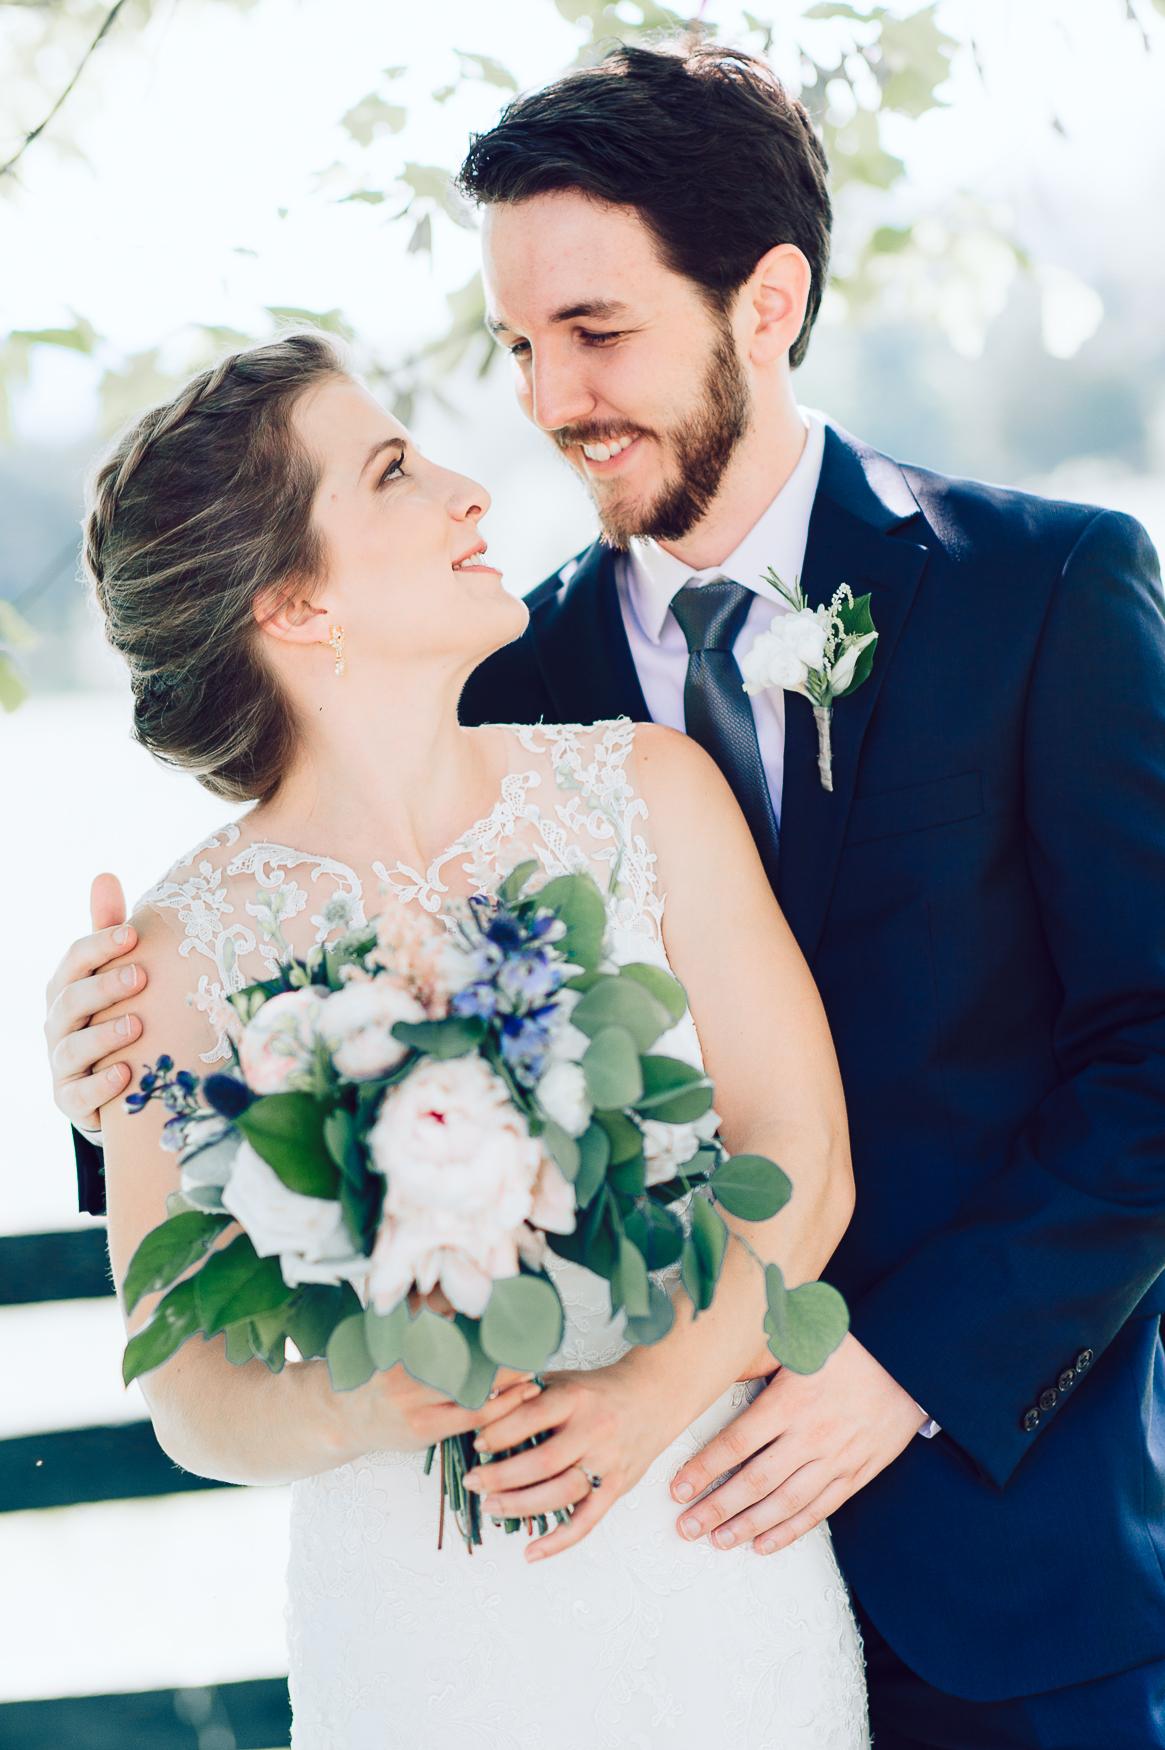 charlottesvillewedding_backyardwedding_virginia_youseephotography_CaitlinDerek (43).jpg